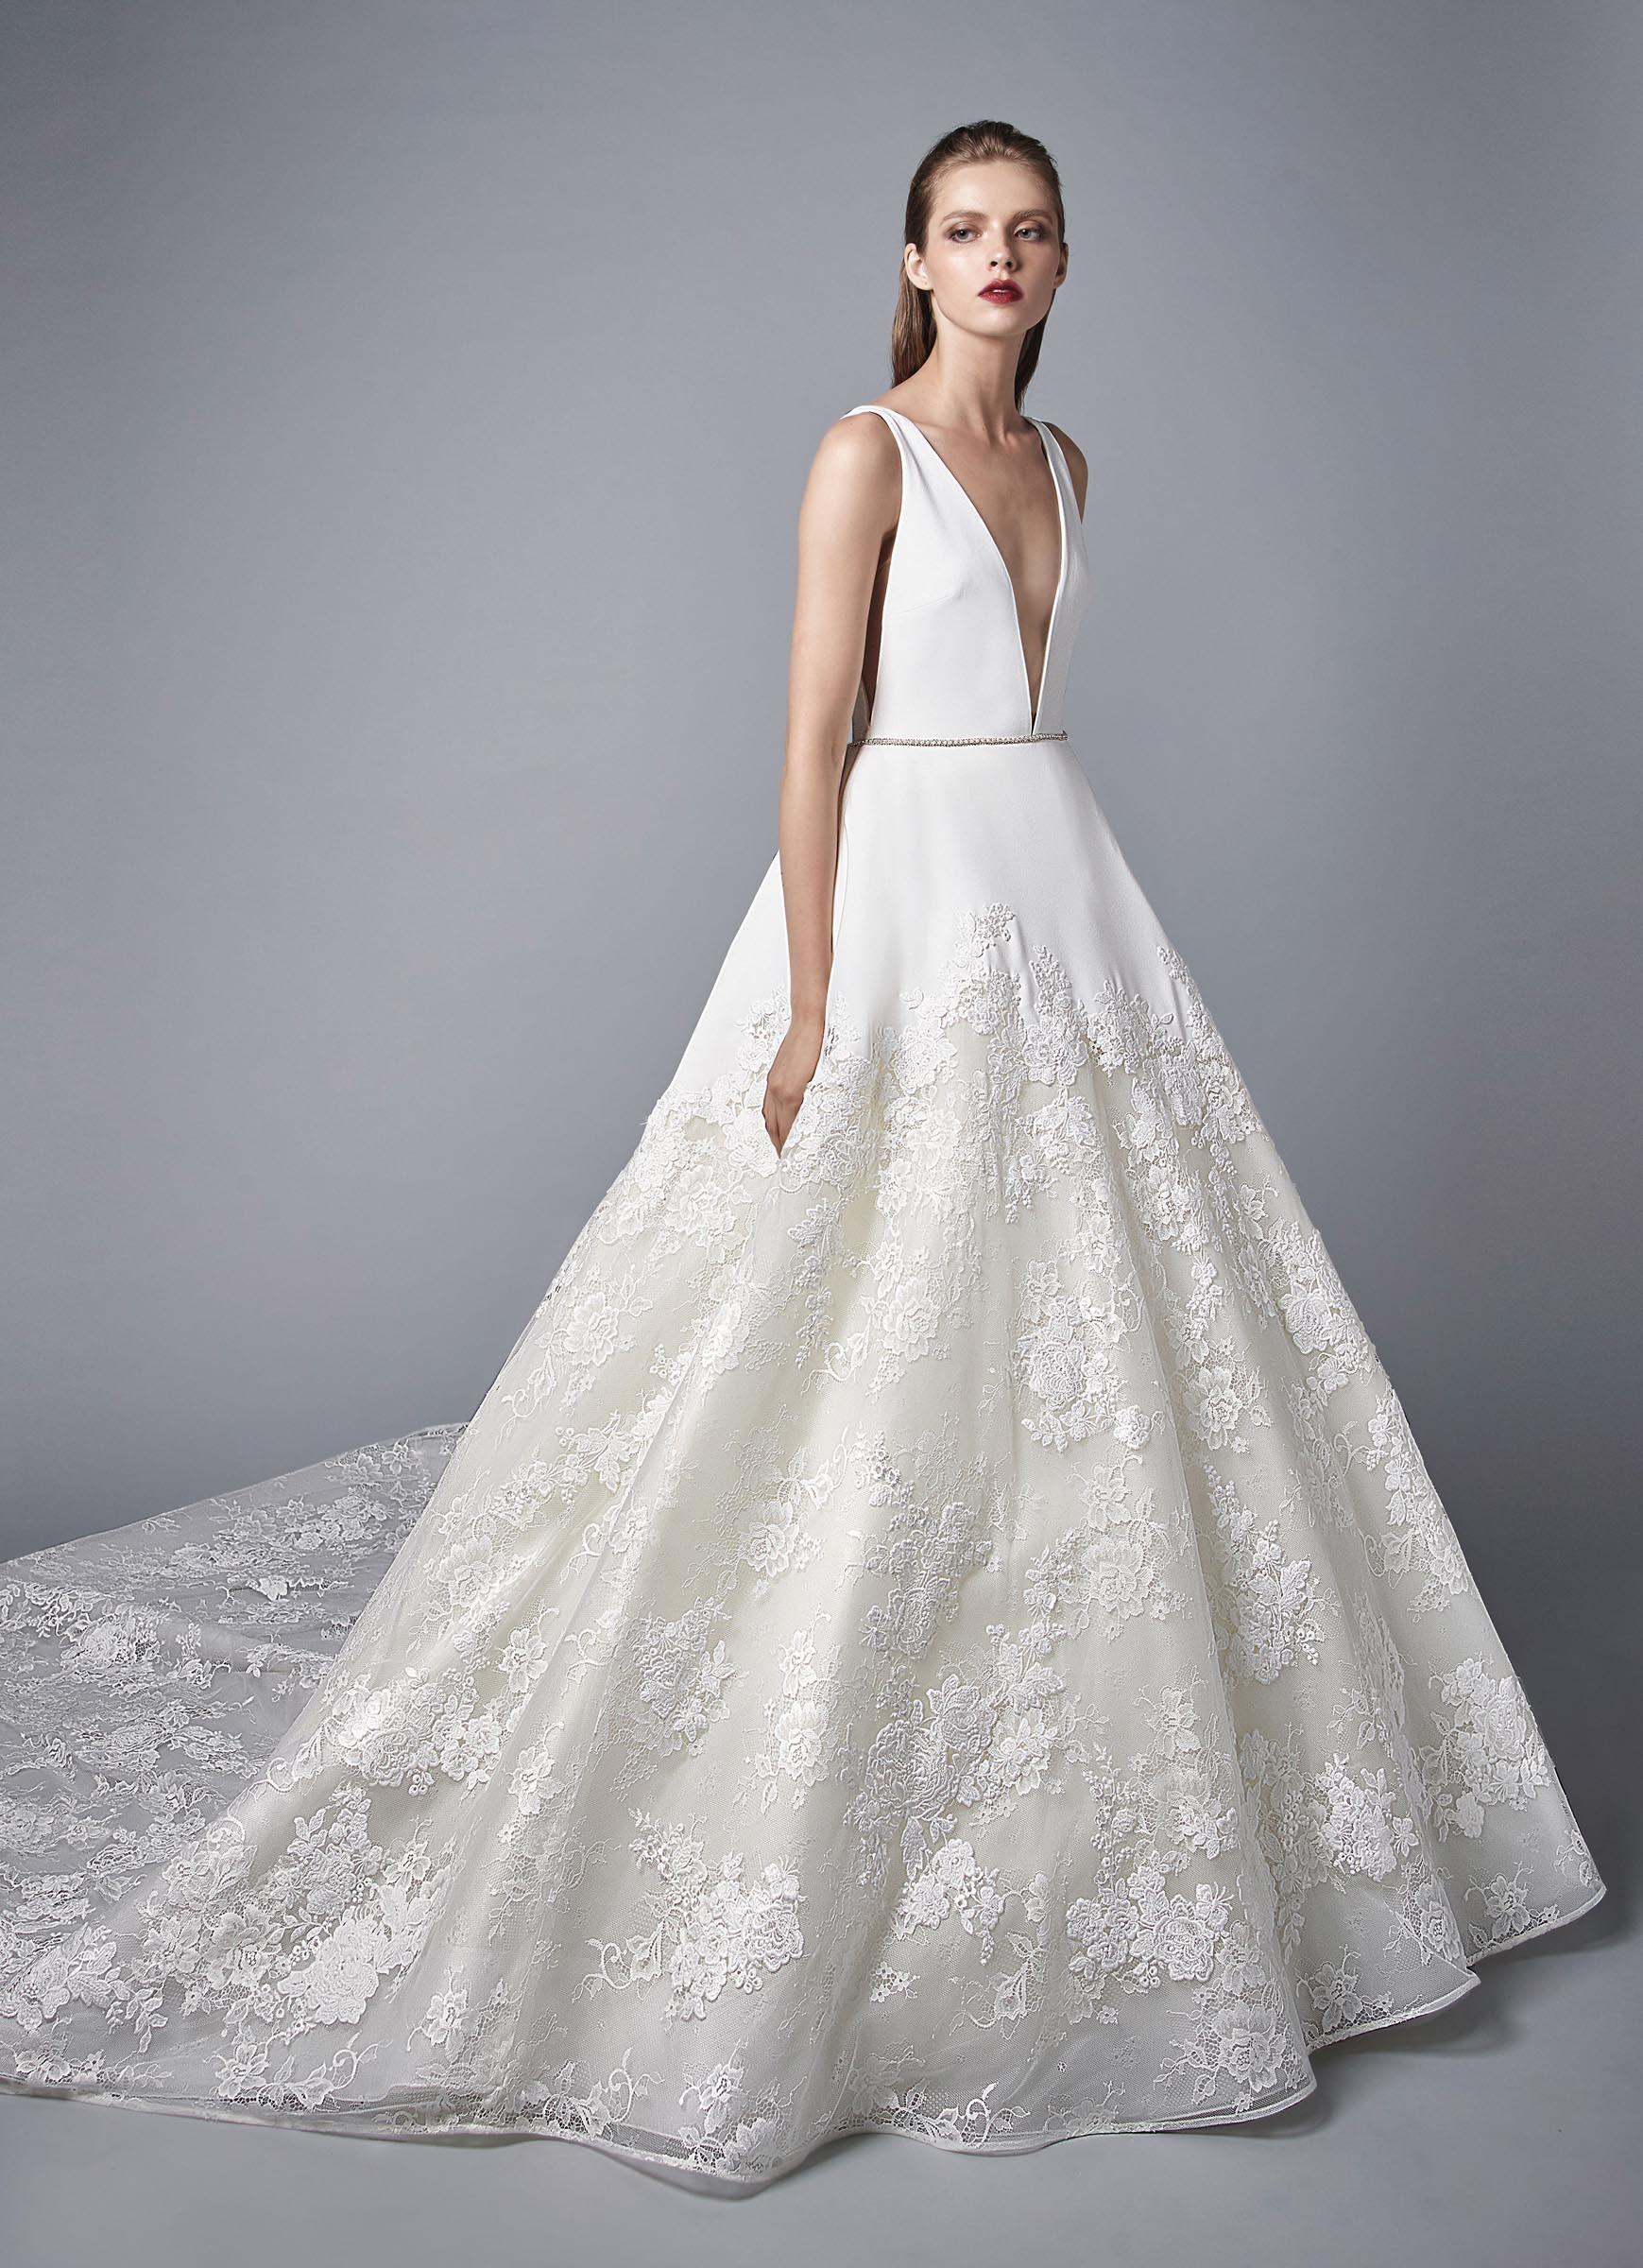 Weißes Brautkleid im Prinzessschnitt mit Spitze, tiefem V-Ausschnitt, Gürtel und Schleppe von Enzoani, Modell Nico, Frontansicht